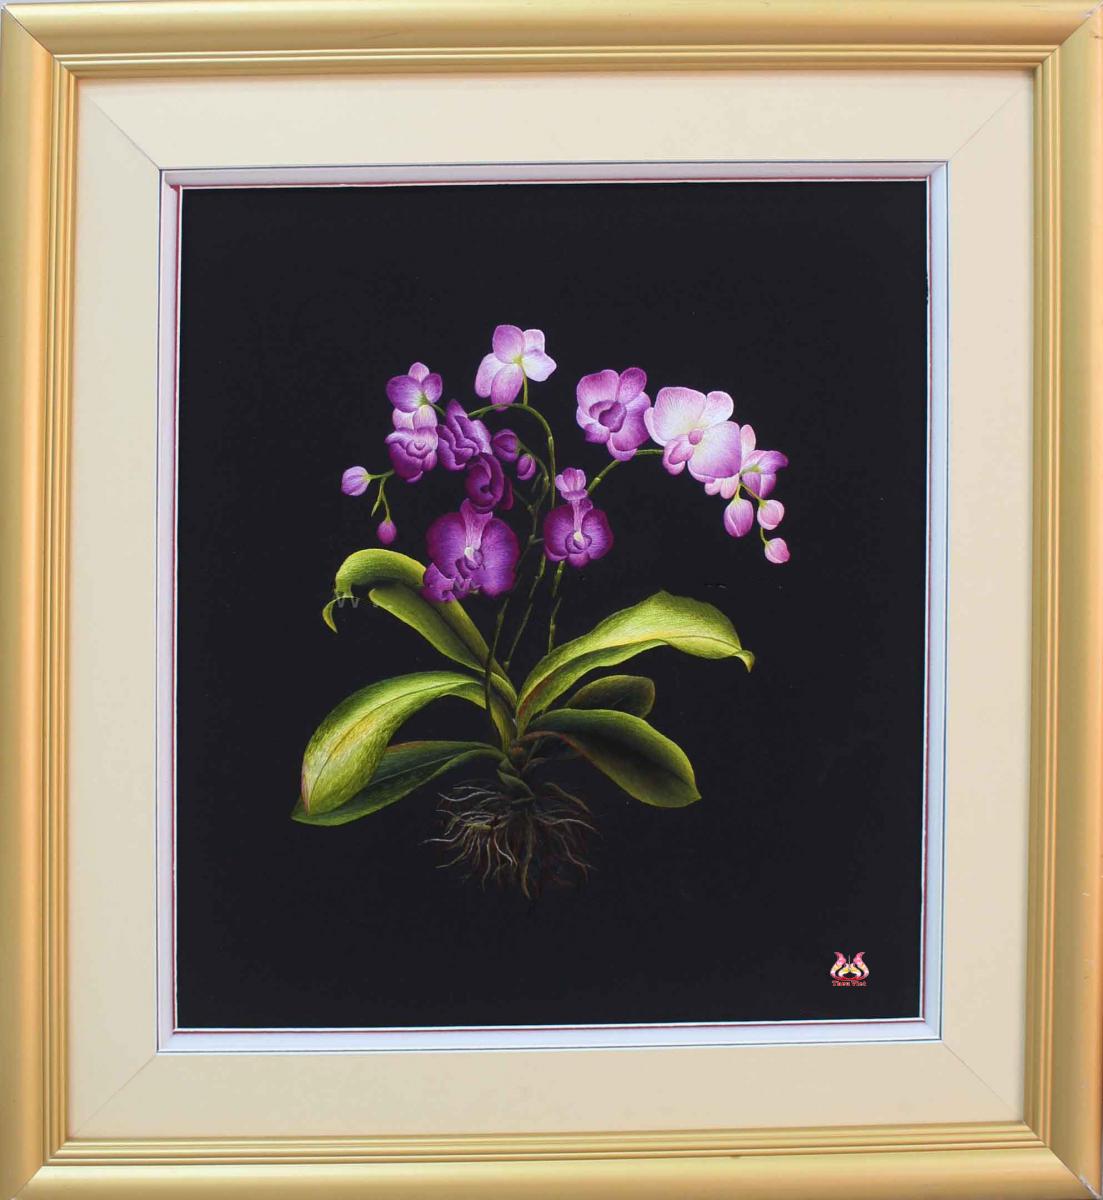 Tranh thêu hoa lan và ý nghĩa đặc biệt trong phong thủy 8